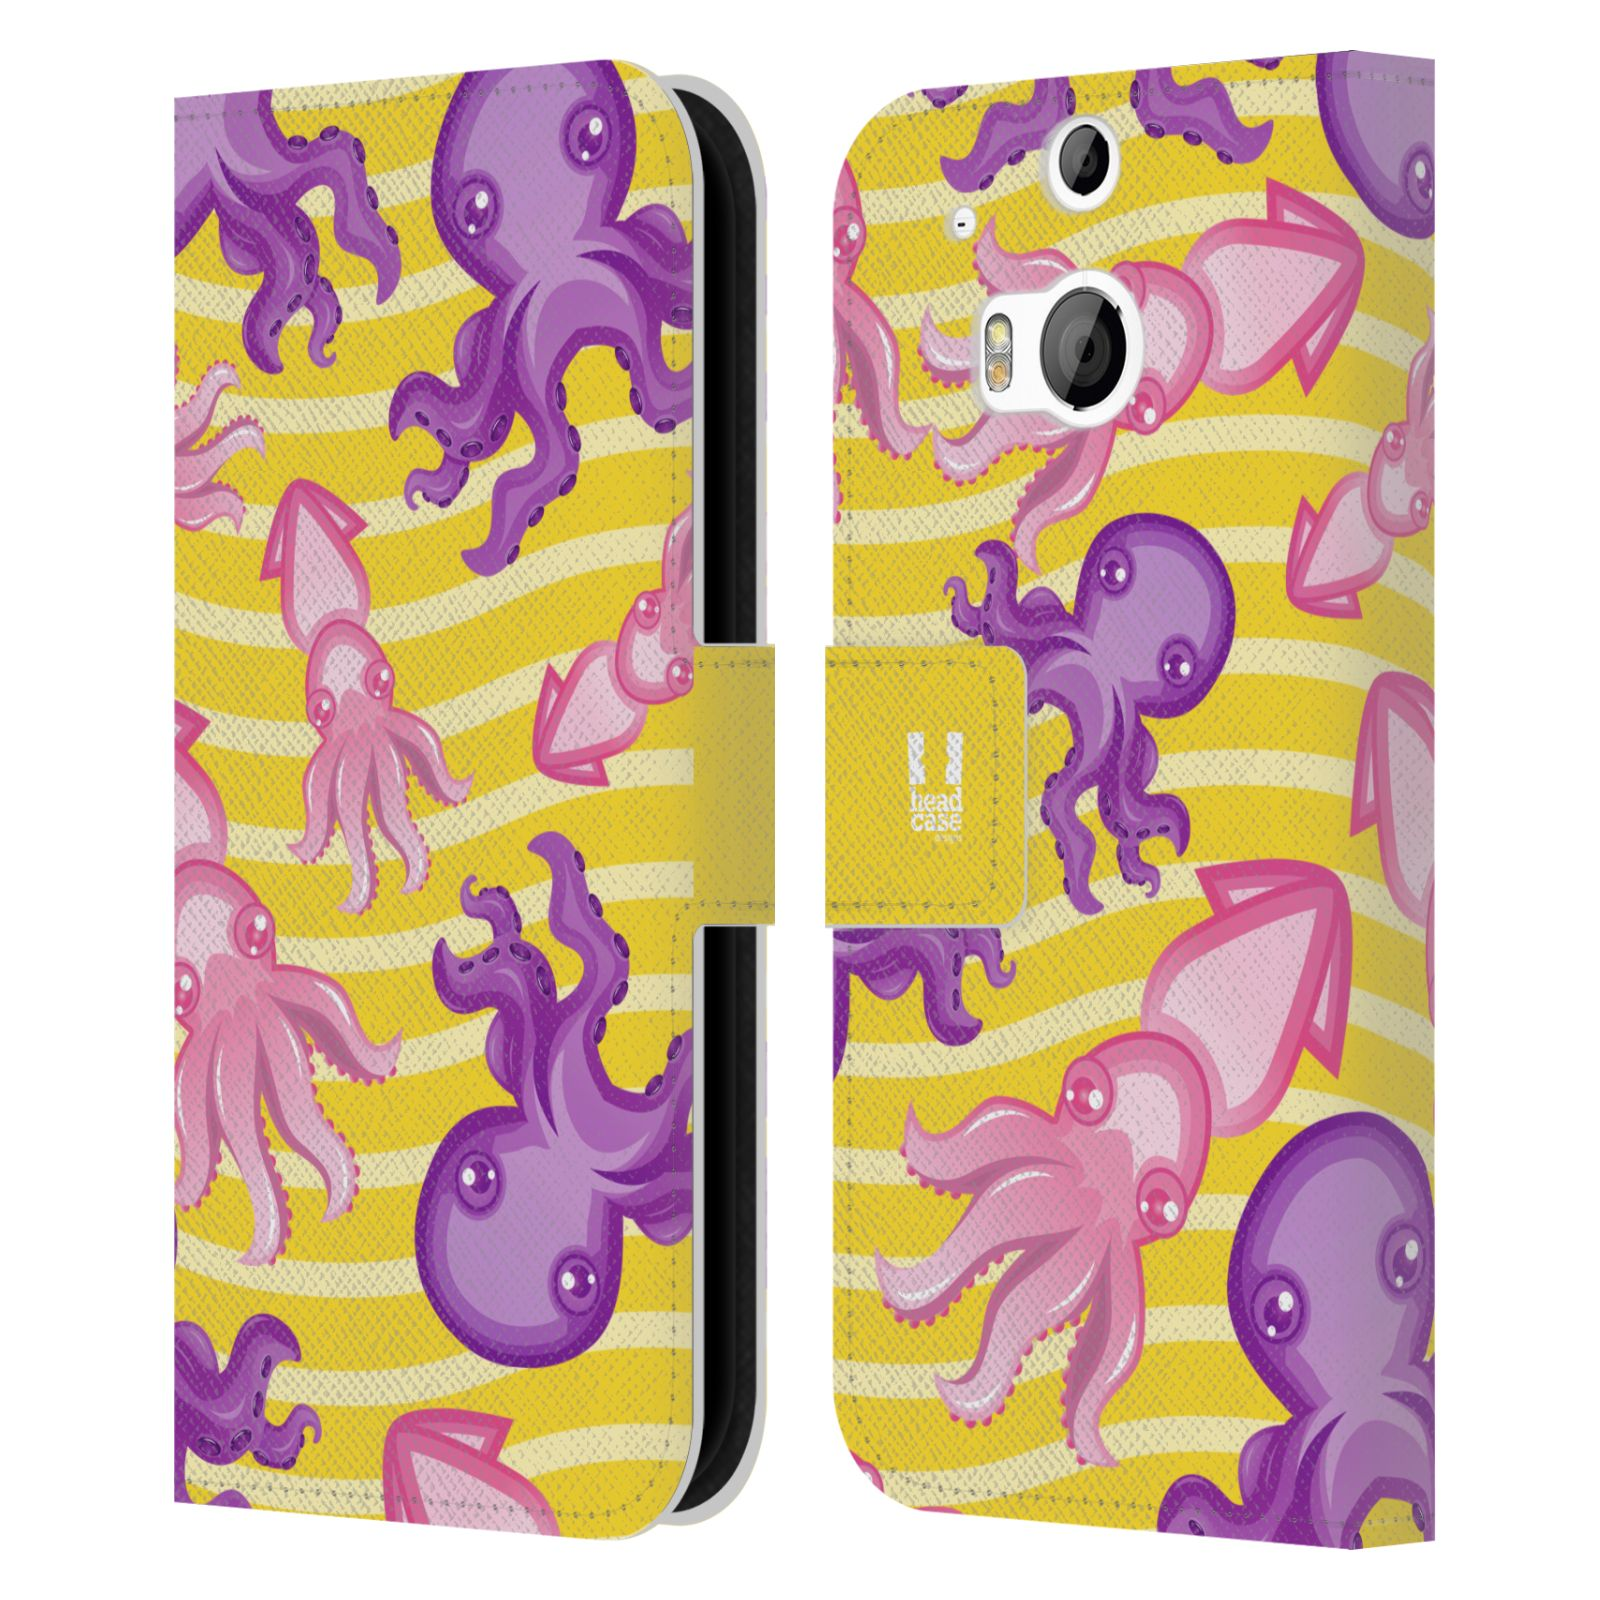 HEAD CASE Flipové pouzdro pro mobil HTC ONE (M8, M8s) Mořský živočich chobotnice a krakatice žlutá barva